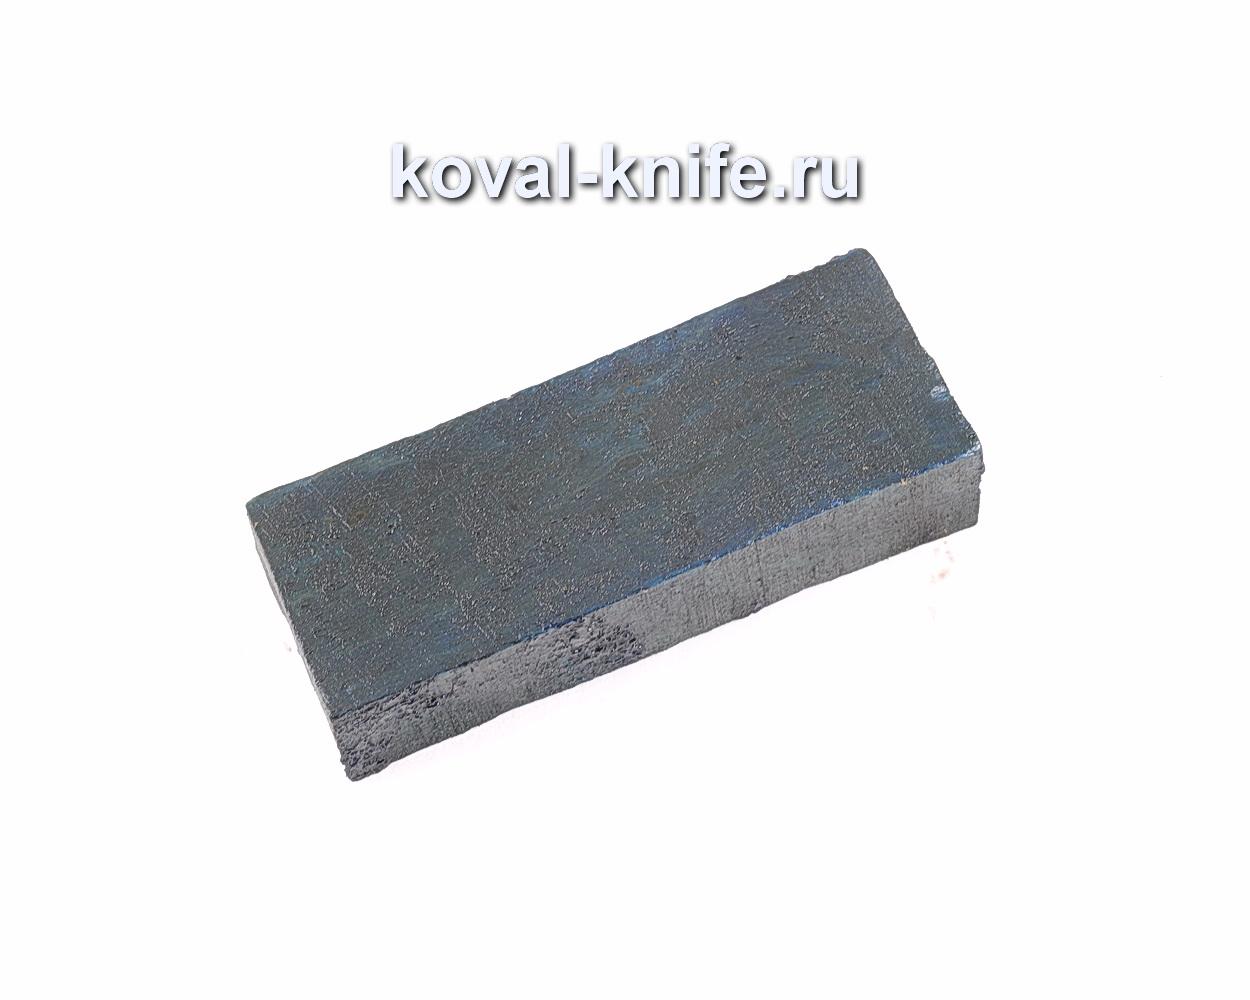 Карельская береза стабилизированная для рукоятки ножа (синяя)